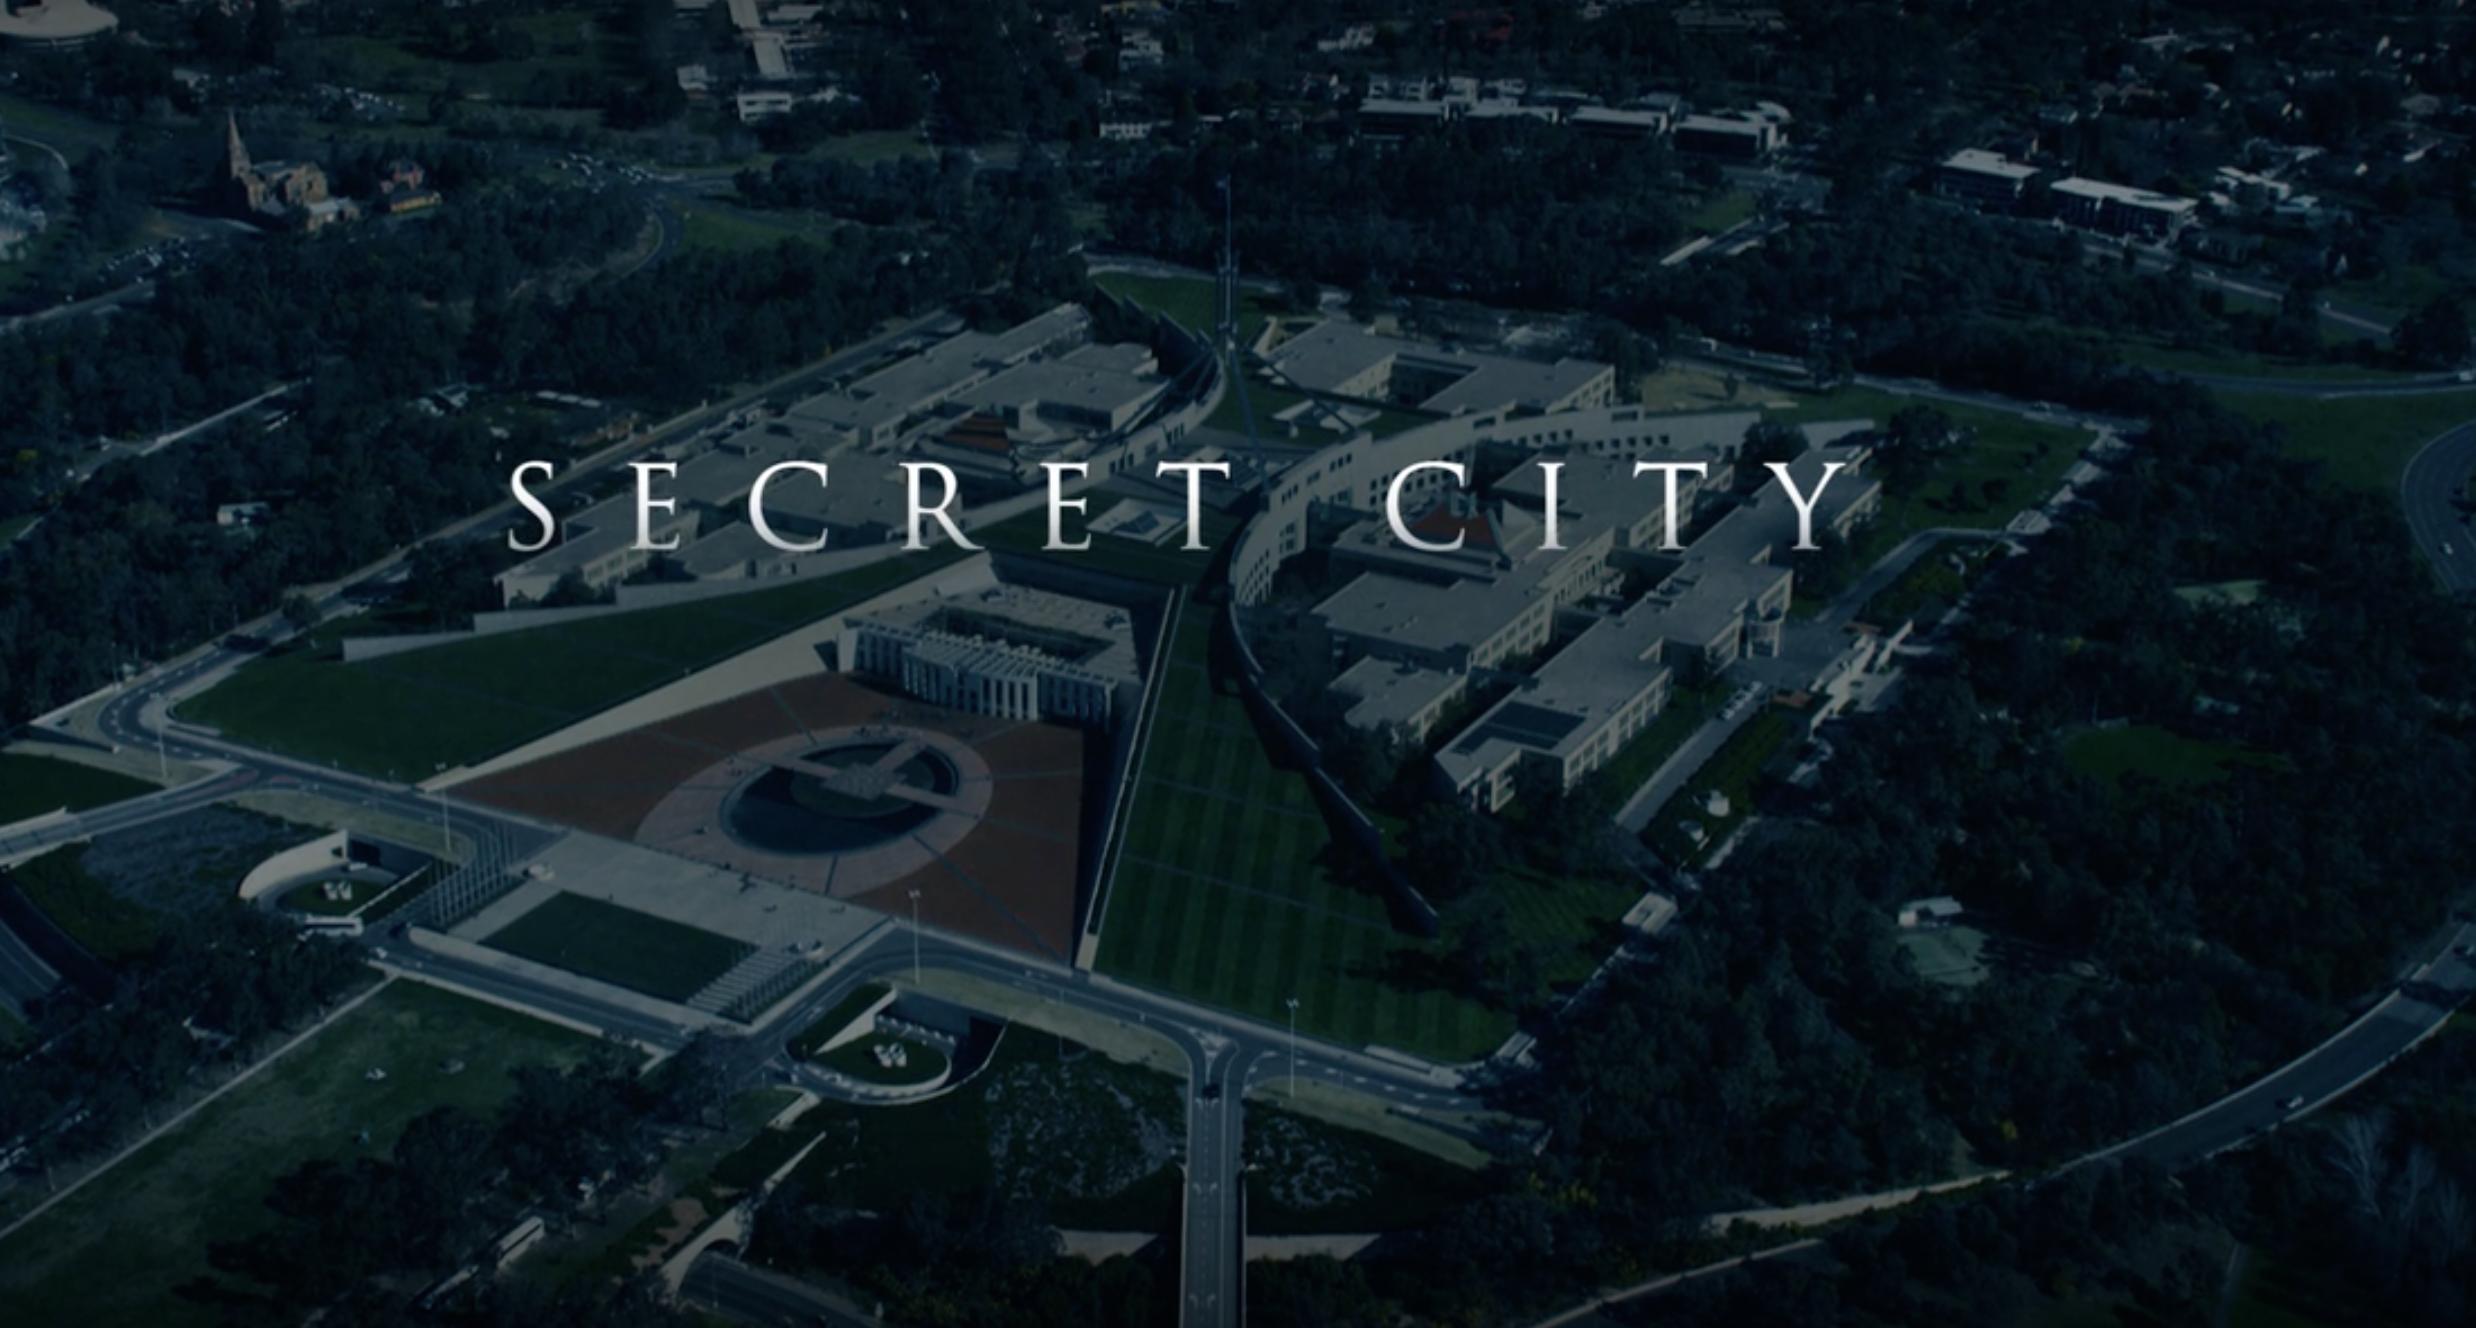 Screenshot from trailer of Secret City